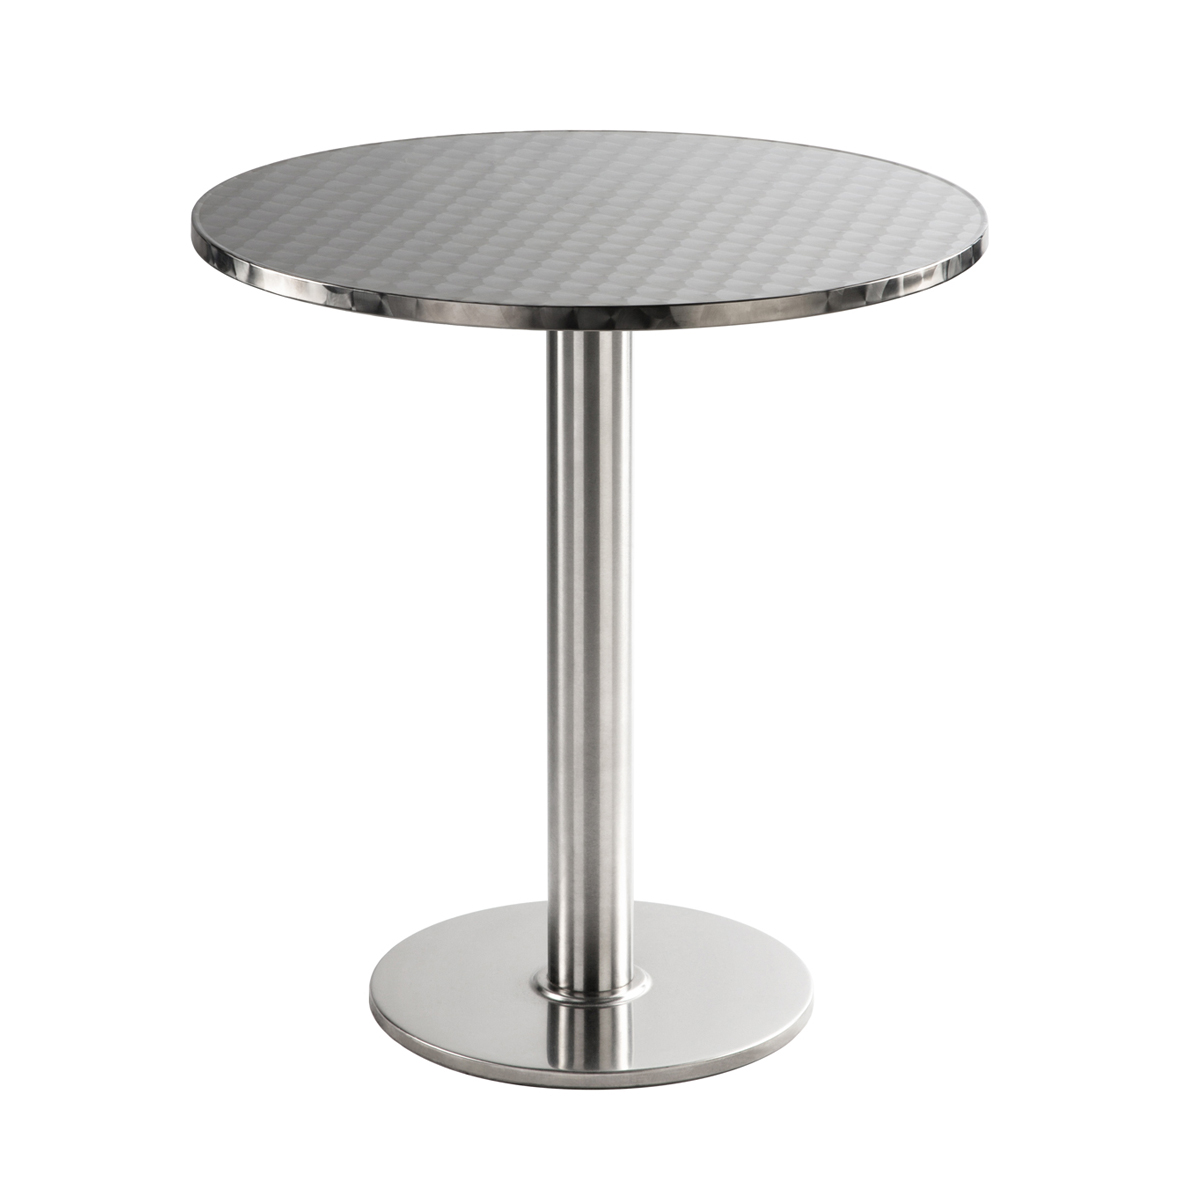 Sitztisch Chromo, rund, Inox